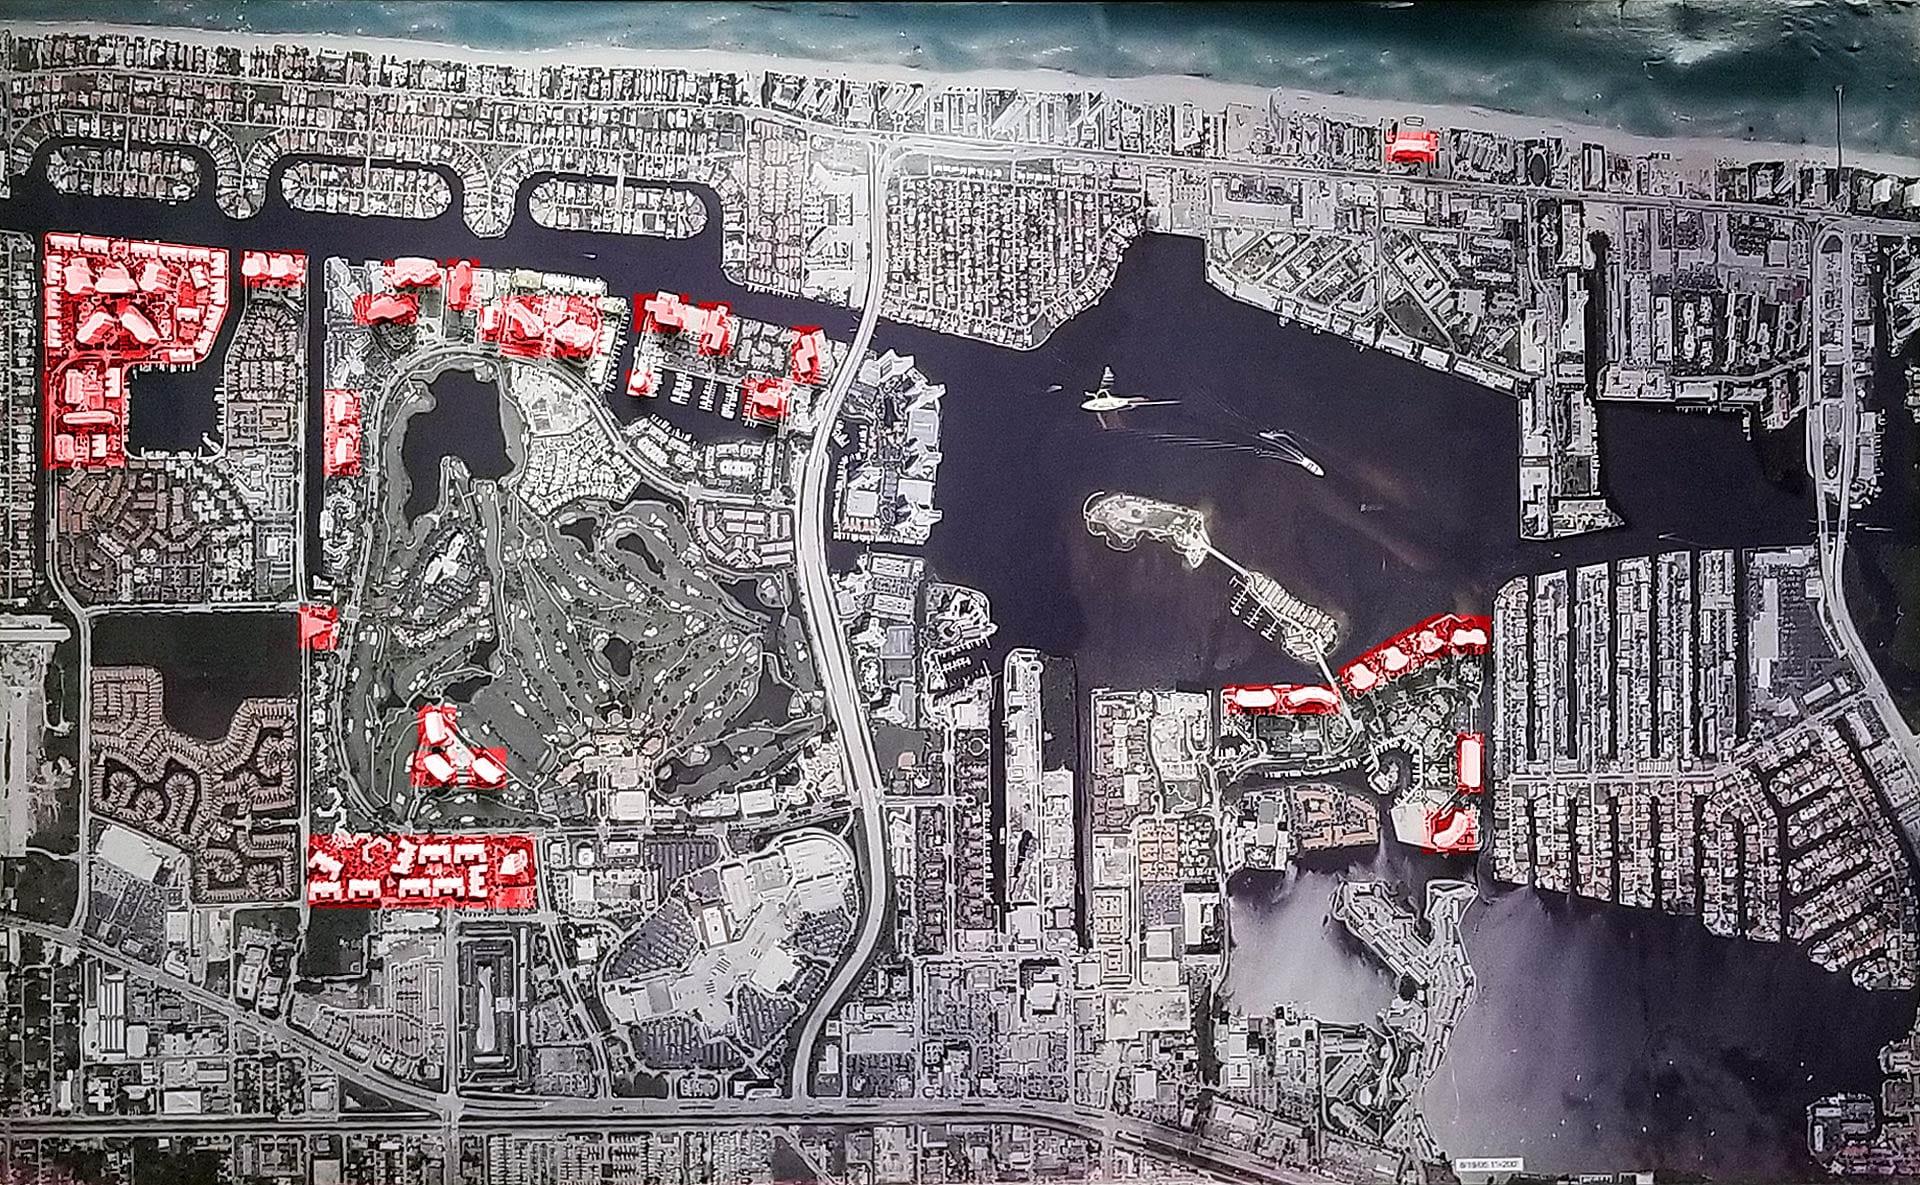 Multi-phase Building Development by Swedroe Architecture in Miami